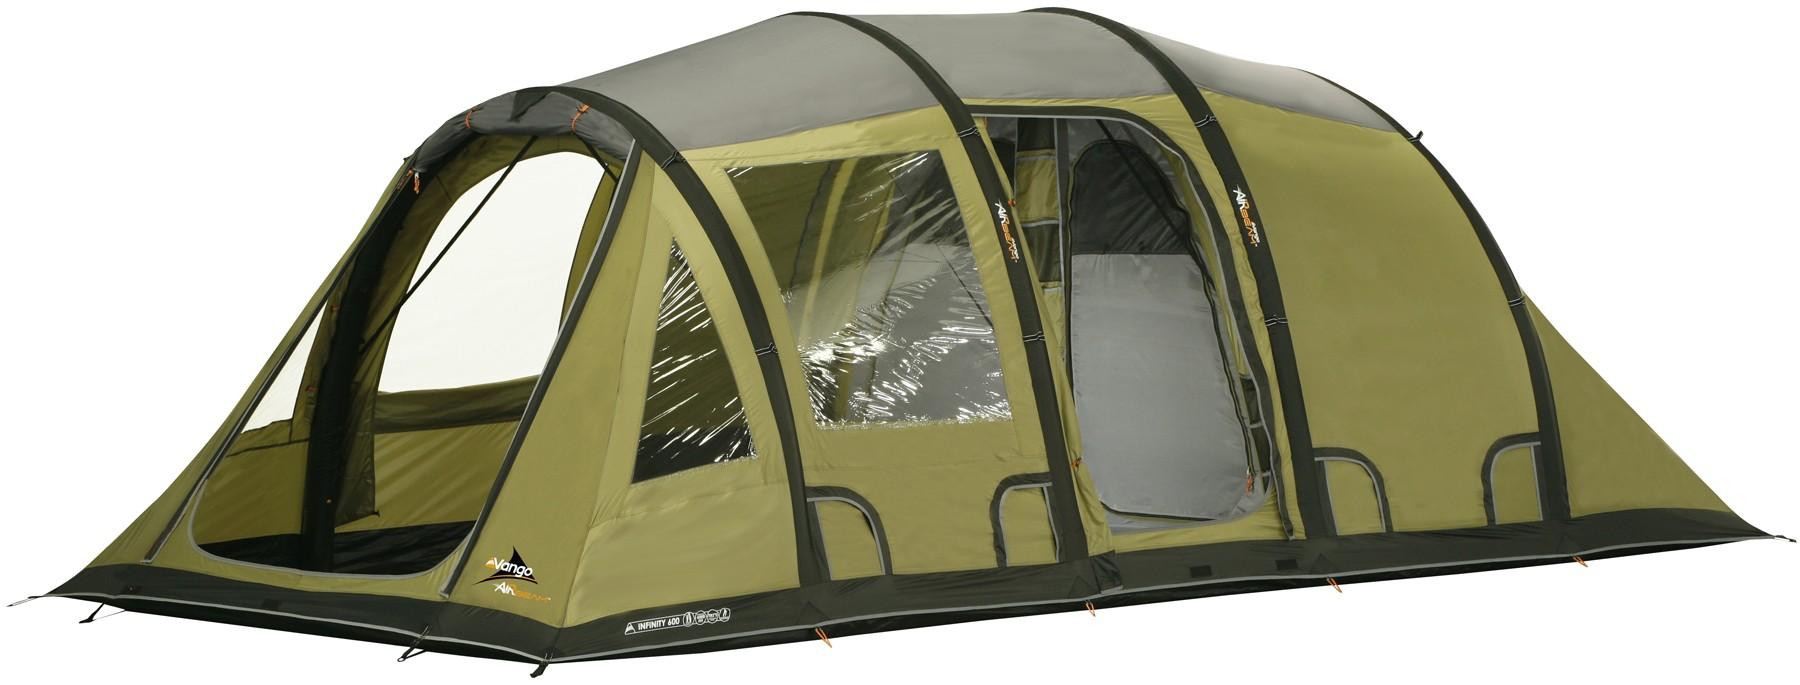 sc 1 st  Outdoor Megastore & Vango Infinity 600 Airbeam Tent